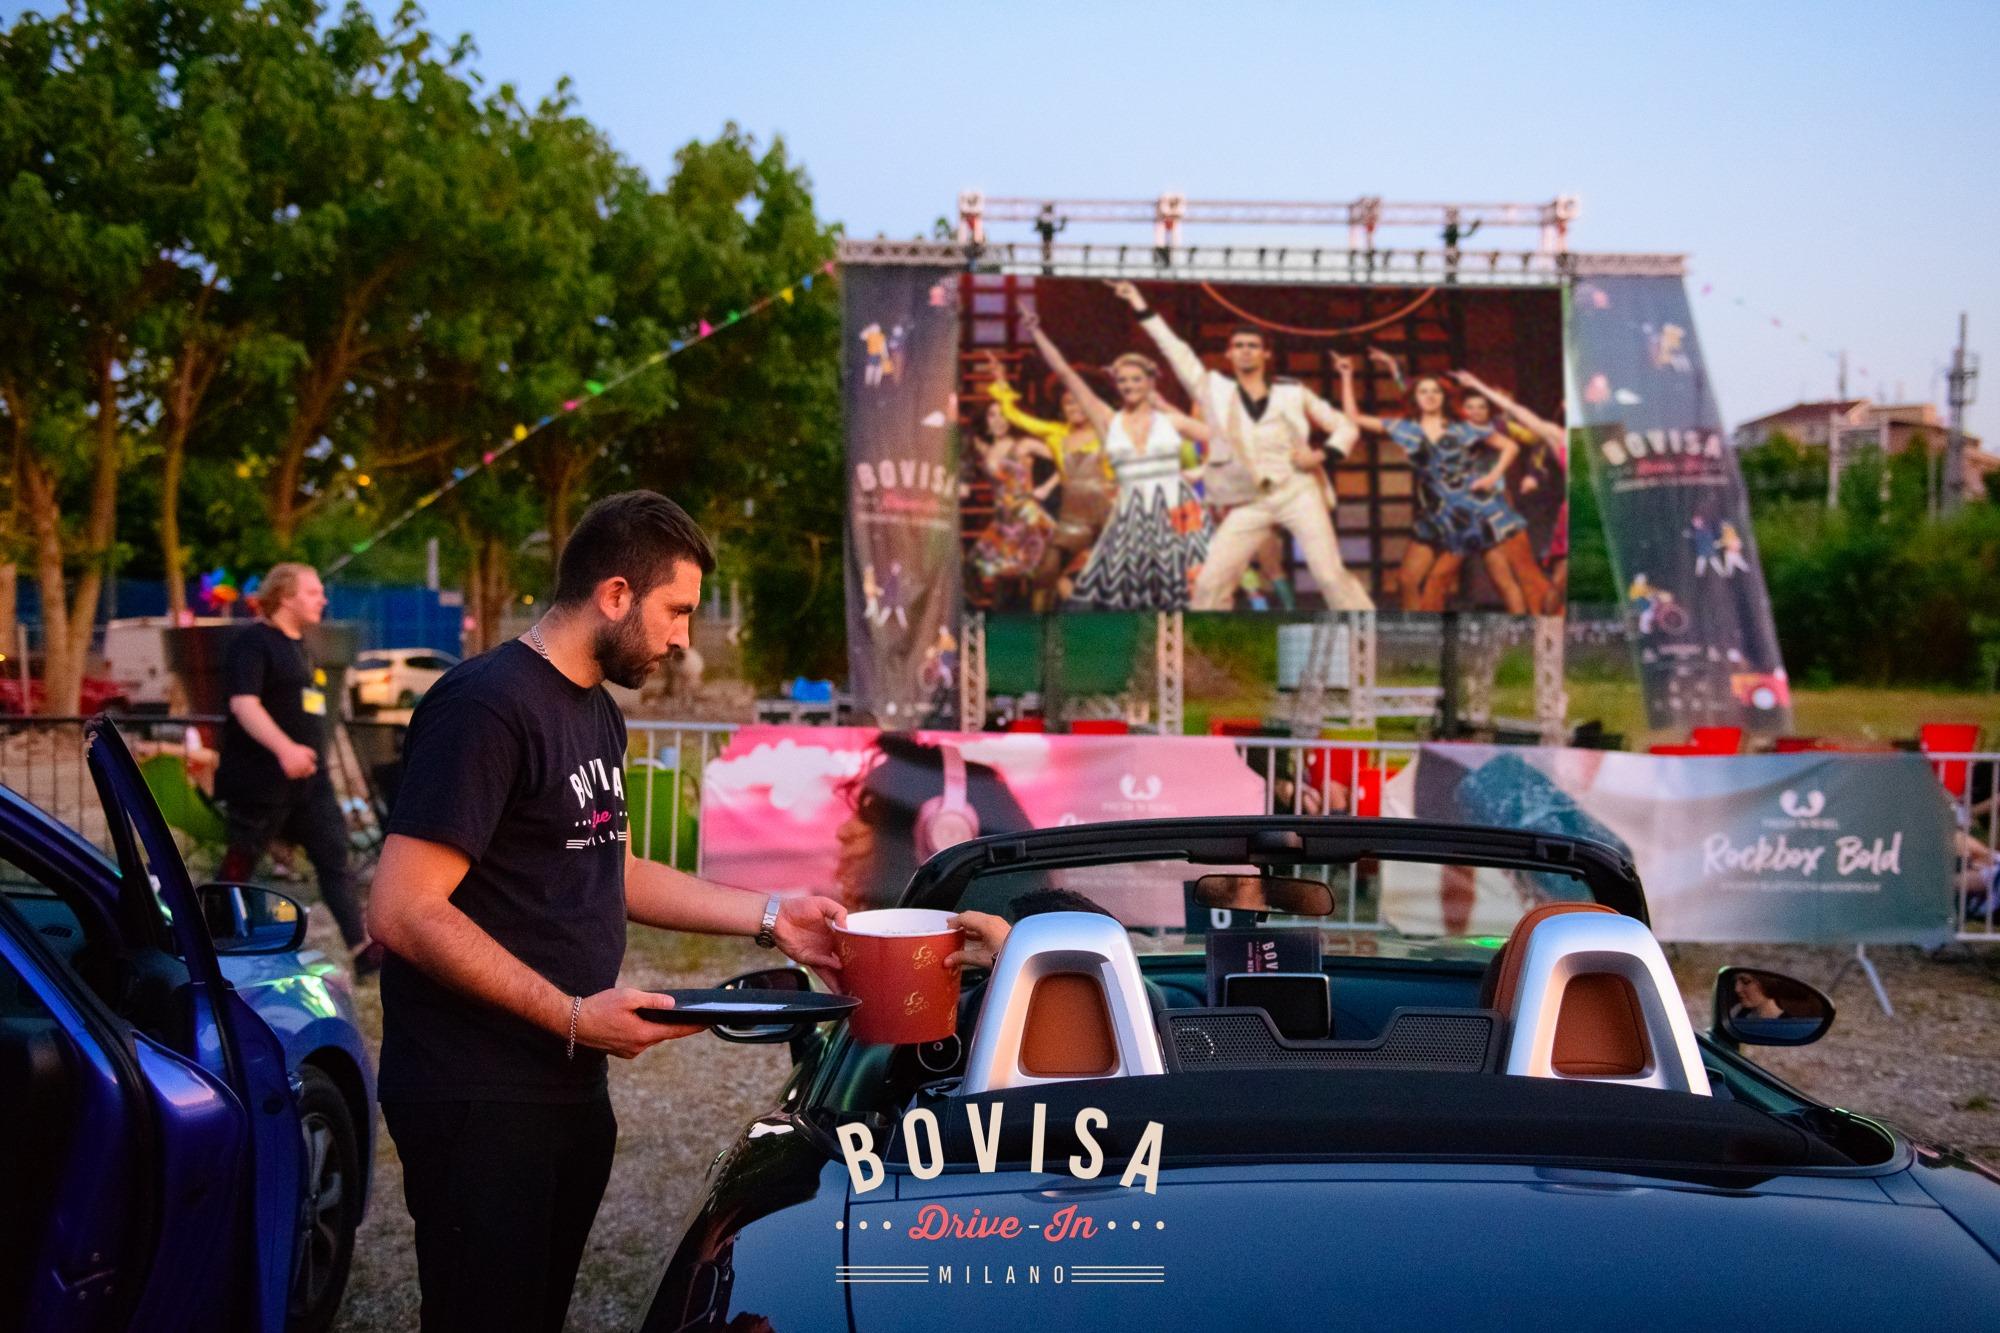 #4 Bovisa Drive-In next event 5-6-7 luglio cinema food truck bar attrazioni milano